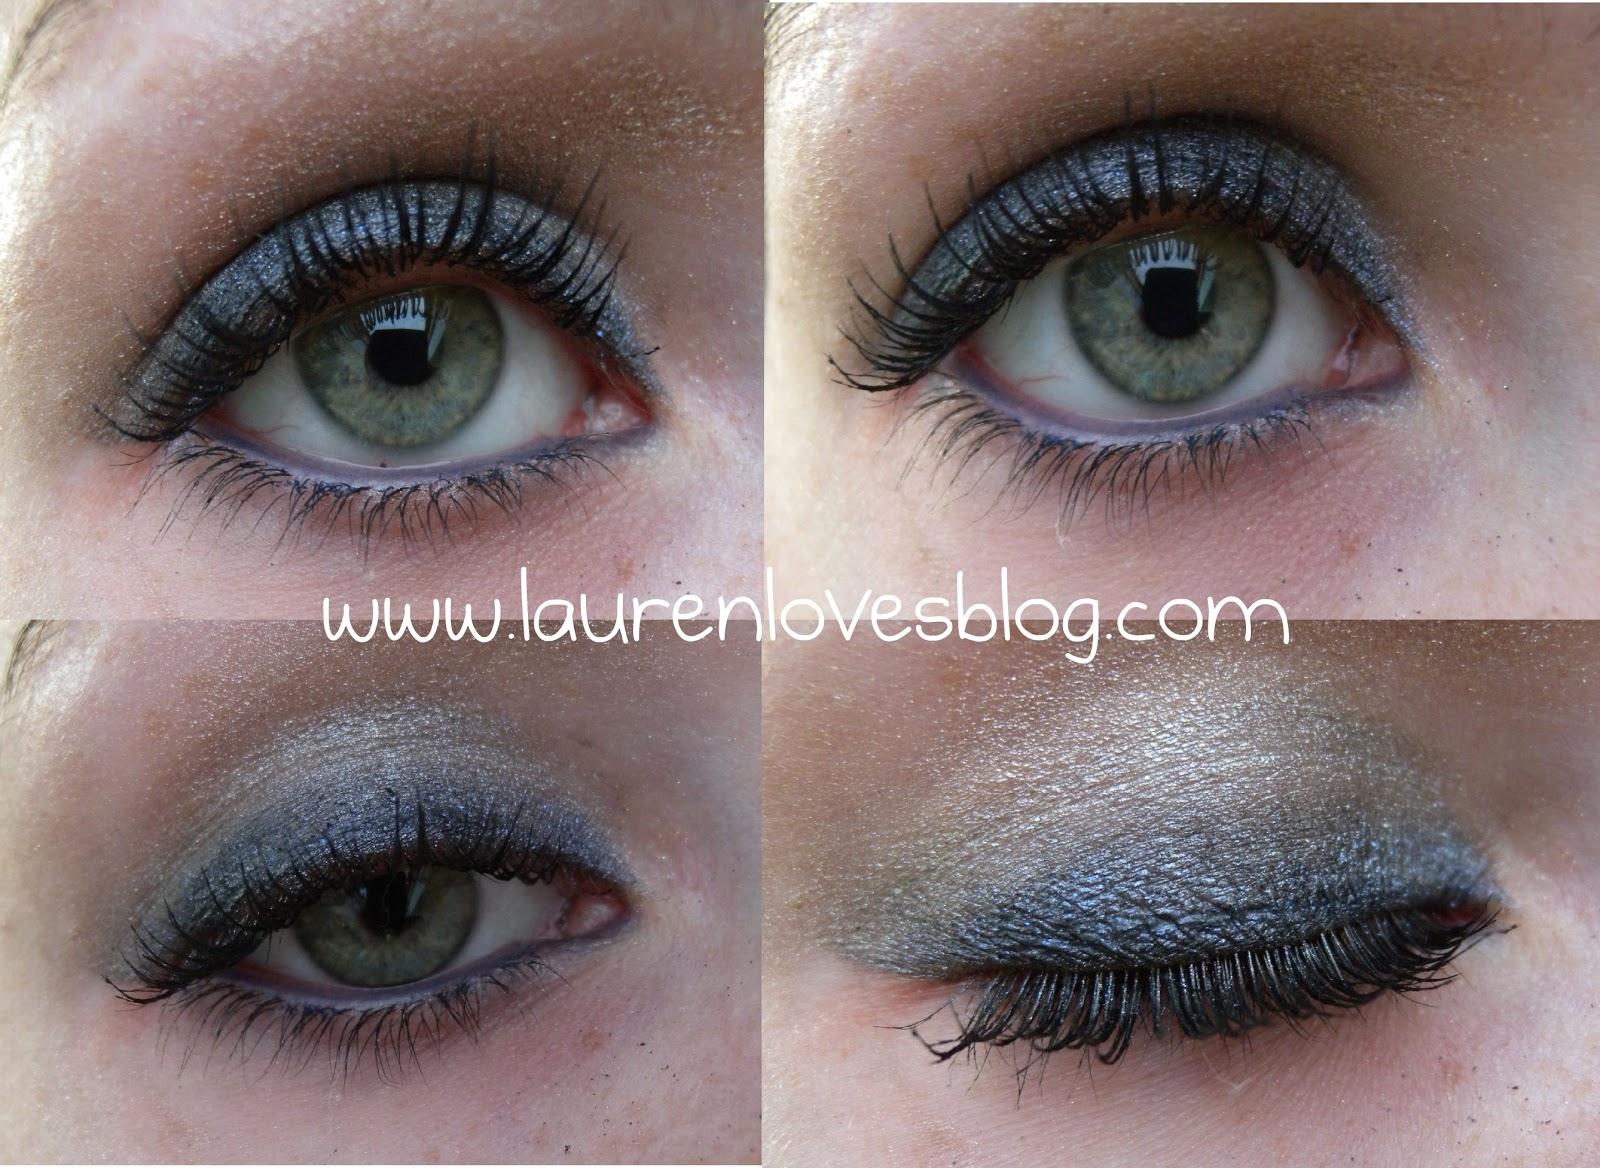 http://4.bp.blogspot.com/_E8ZMojN0Wtw/TMHdbcG_plI/AAAAAAAAAqI/3qB6380PtGA/s1600/blue%252Bsmokey%252Beyes.jpg